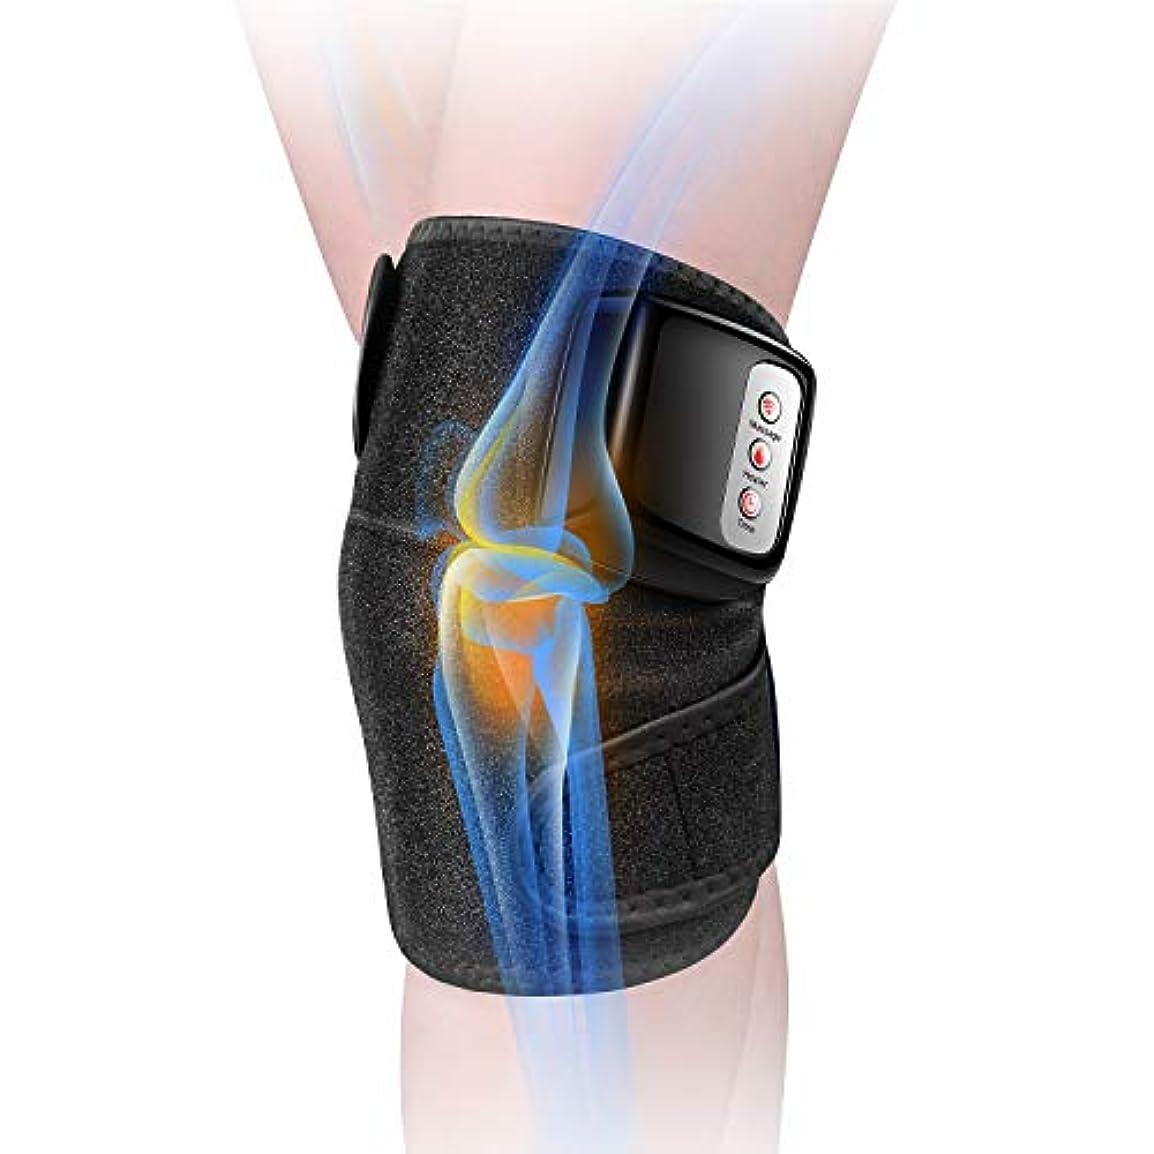 虚弱に対処する楽観膝マッサージャー 関節マッサージャー マッサージ器 フットマッサージャー 振動 赤外線療法 温熱療法 膝サポーター ストレス解消 肩 太もも/腕対応